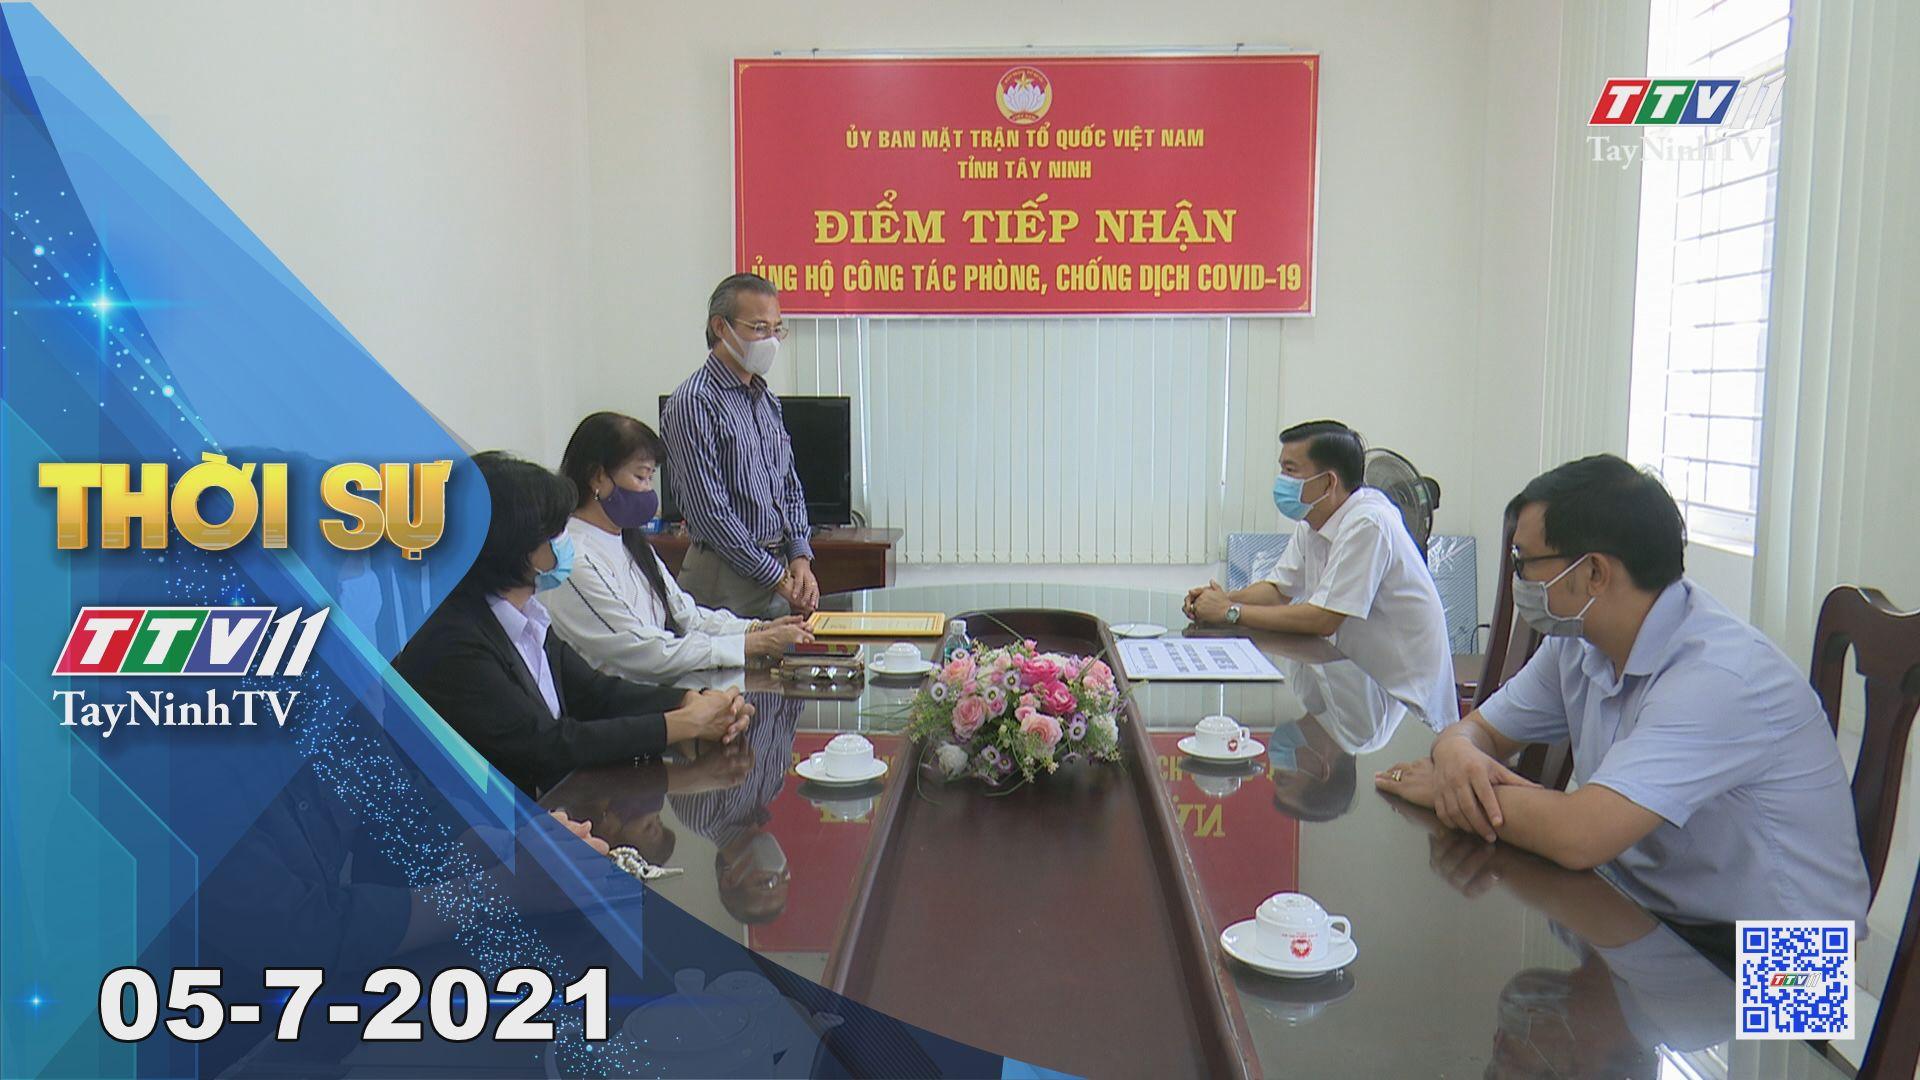 Thời sự Tây Ninh 05-7-2021   Tin tức hôm nay   TayNinhTV